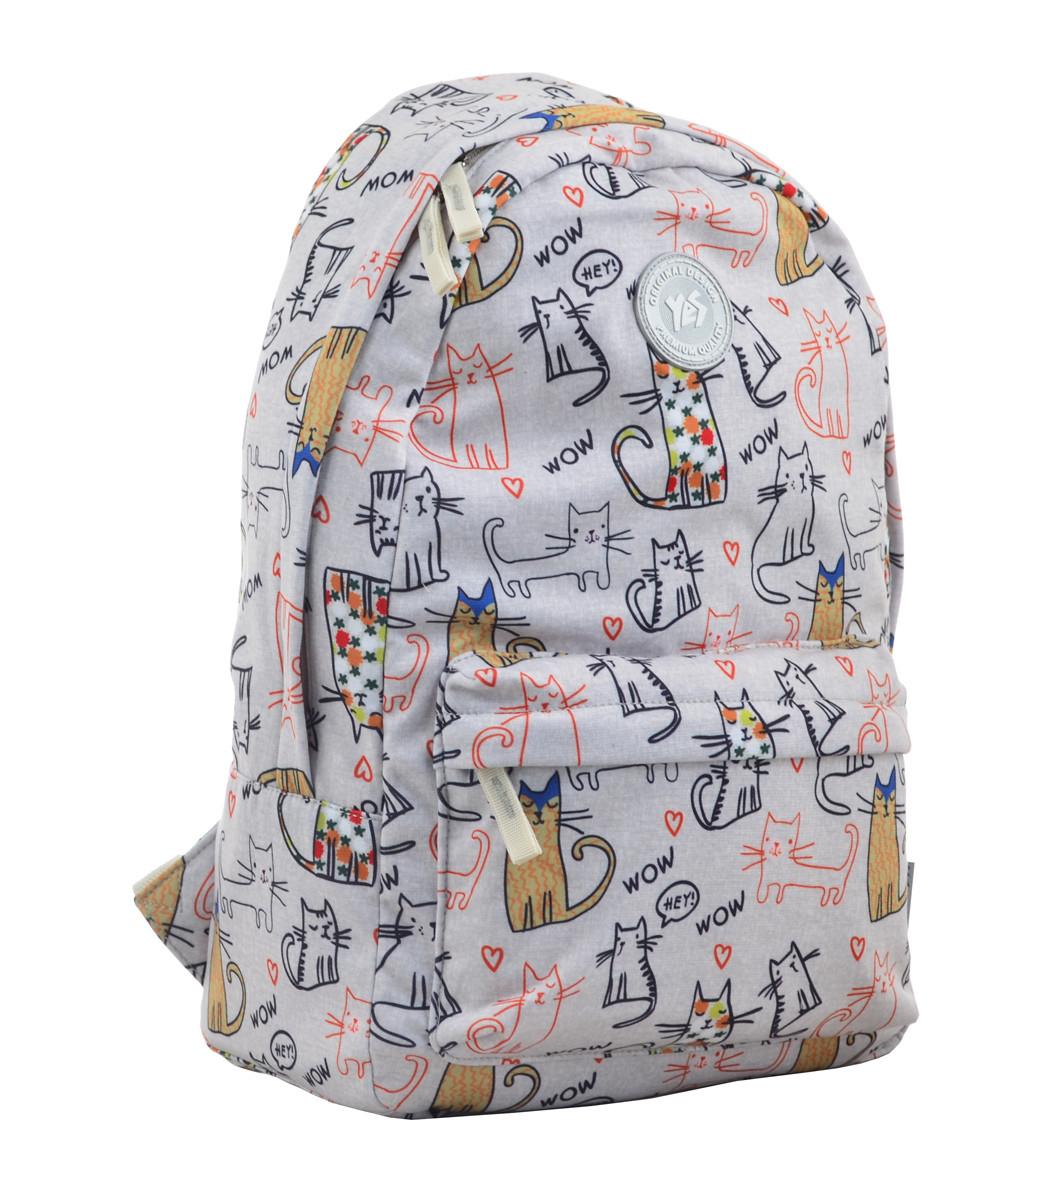 Рюкзак молодежный ST-31 Wow, 44*28*14